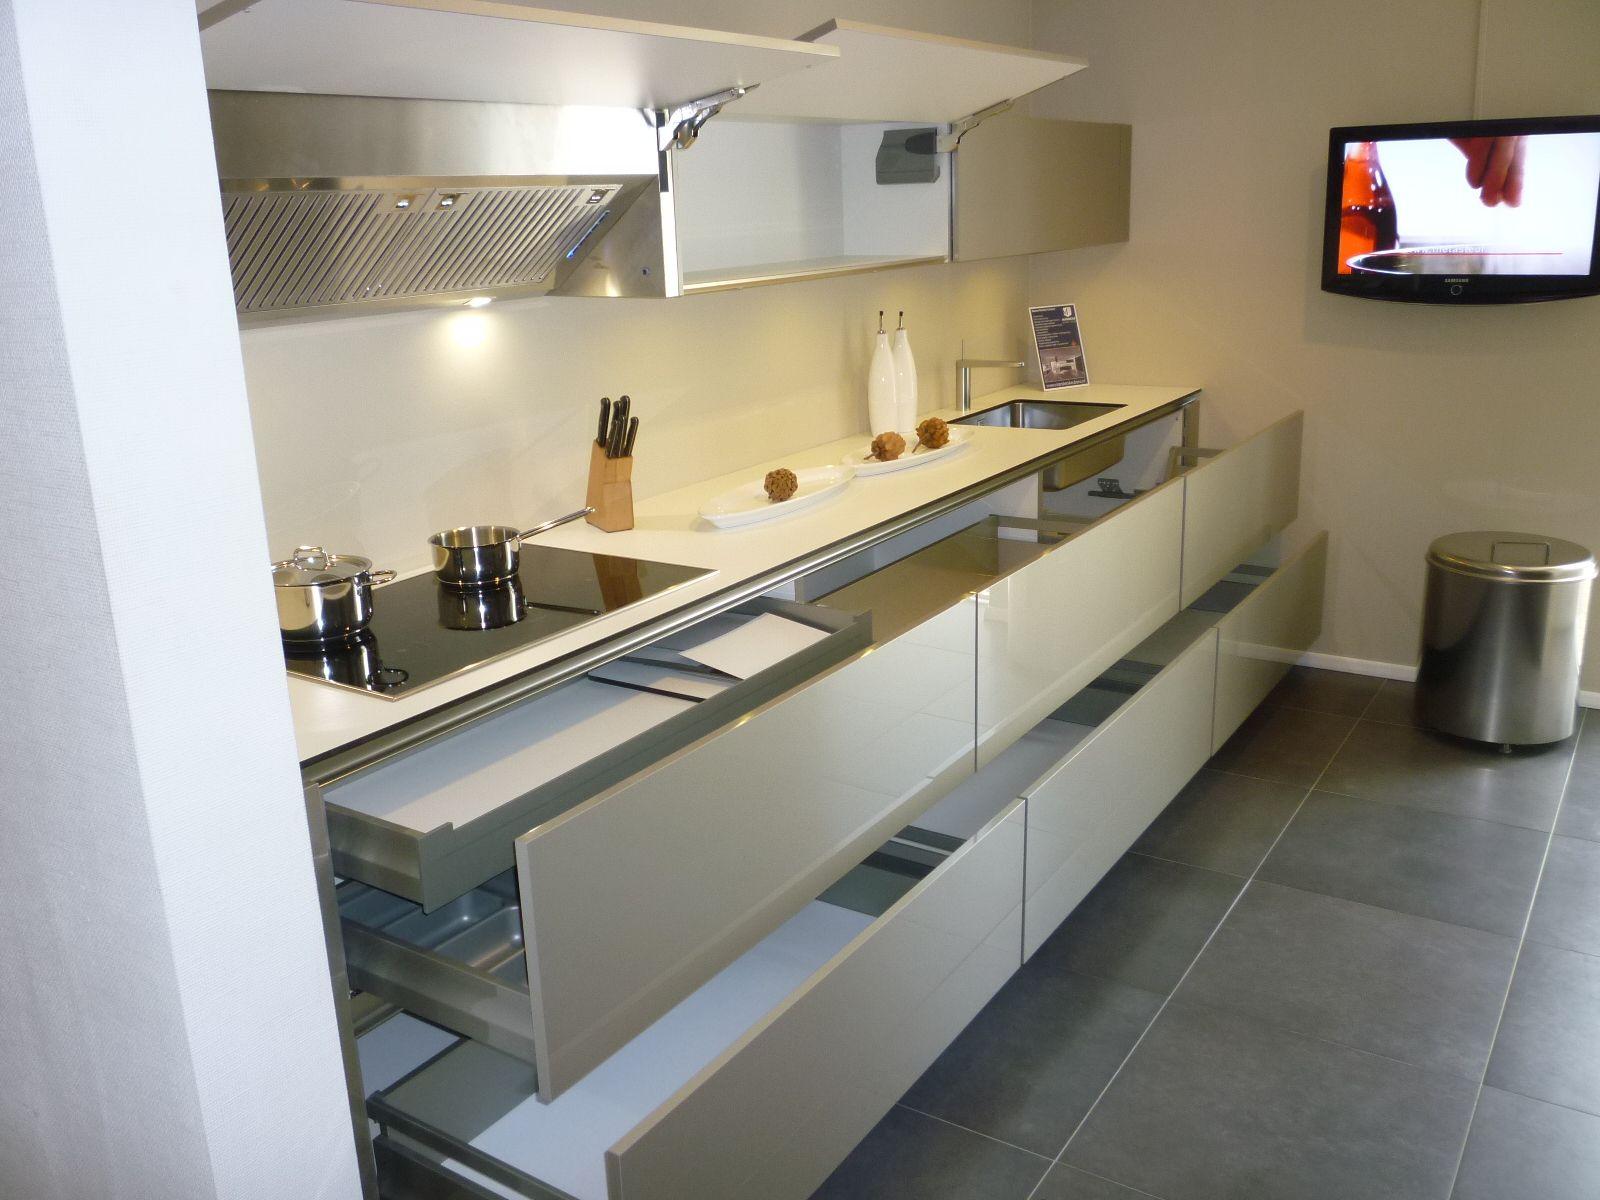 Witte Hoogglans Greeploze Keuken: Greeploze keuken ikea atumre ...